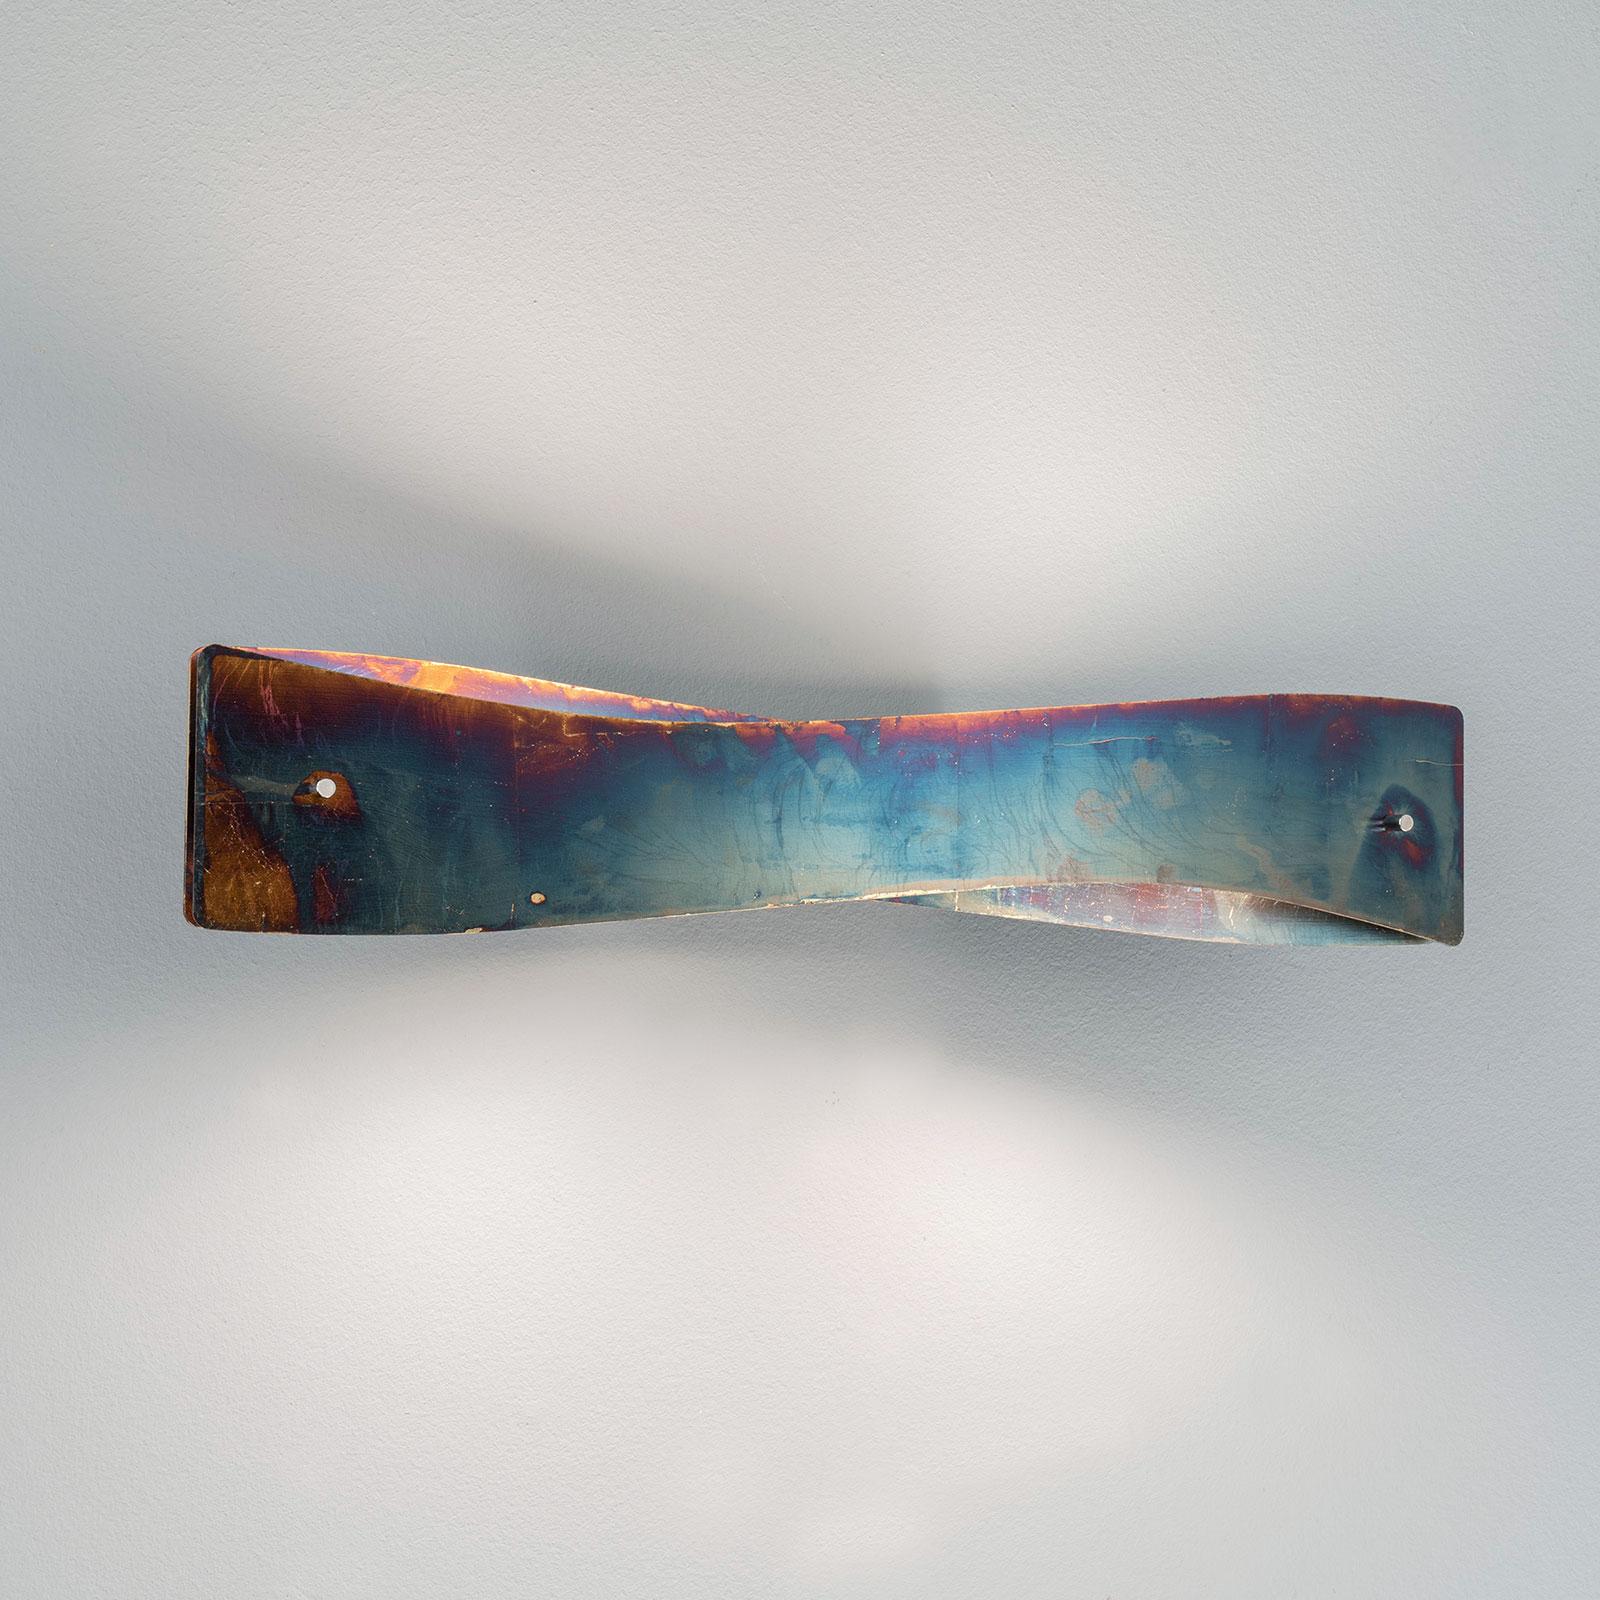 Lucande Lian LED-Wandleuchte, gold oxidiert